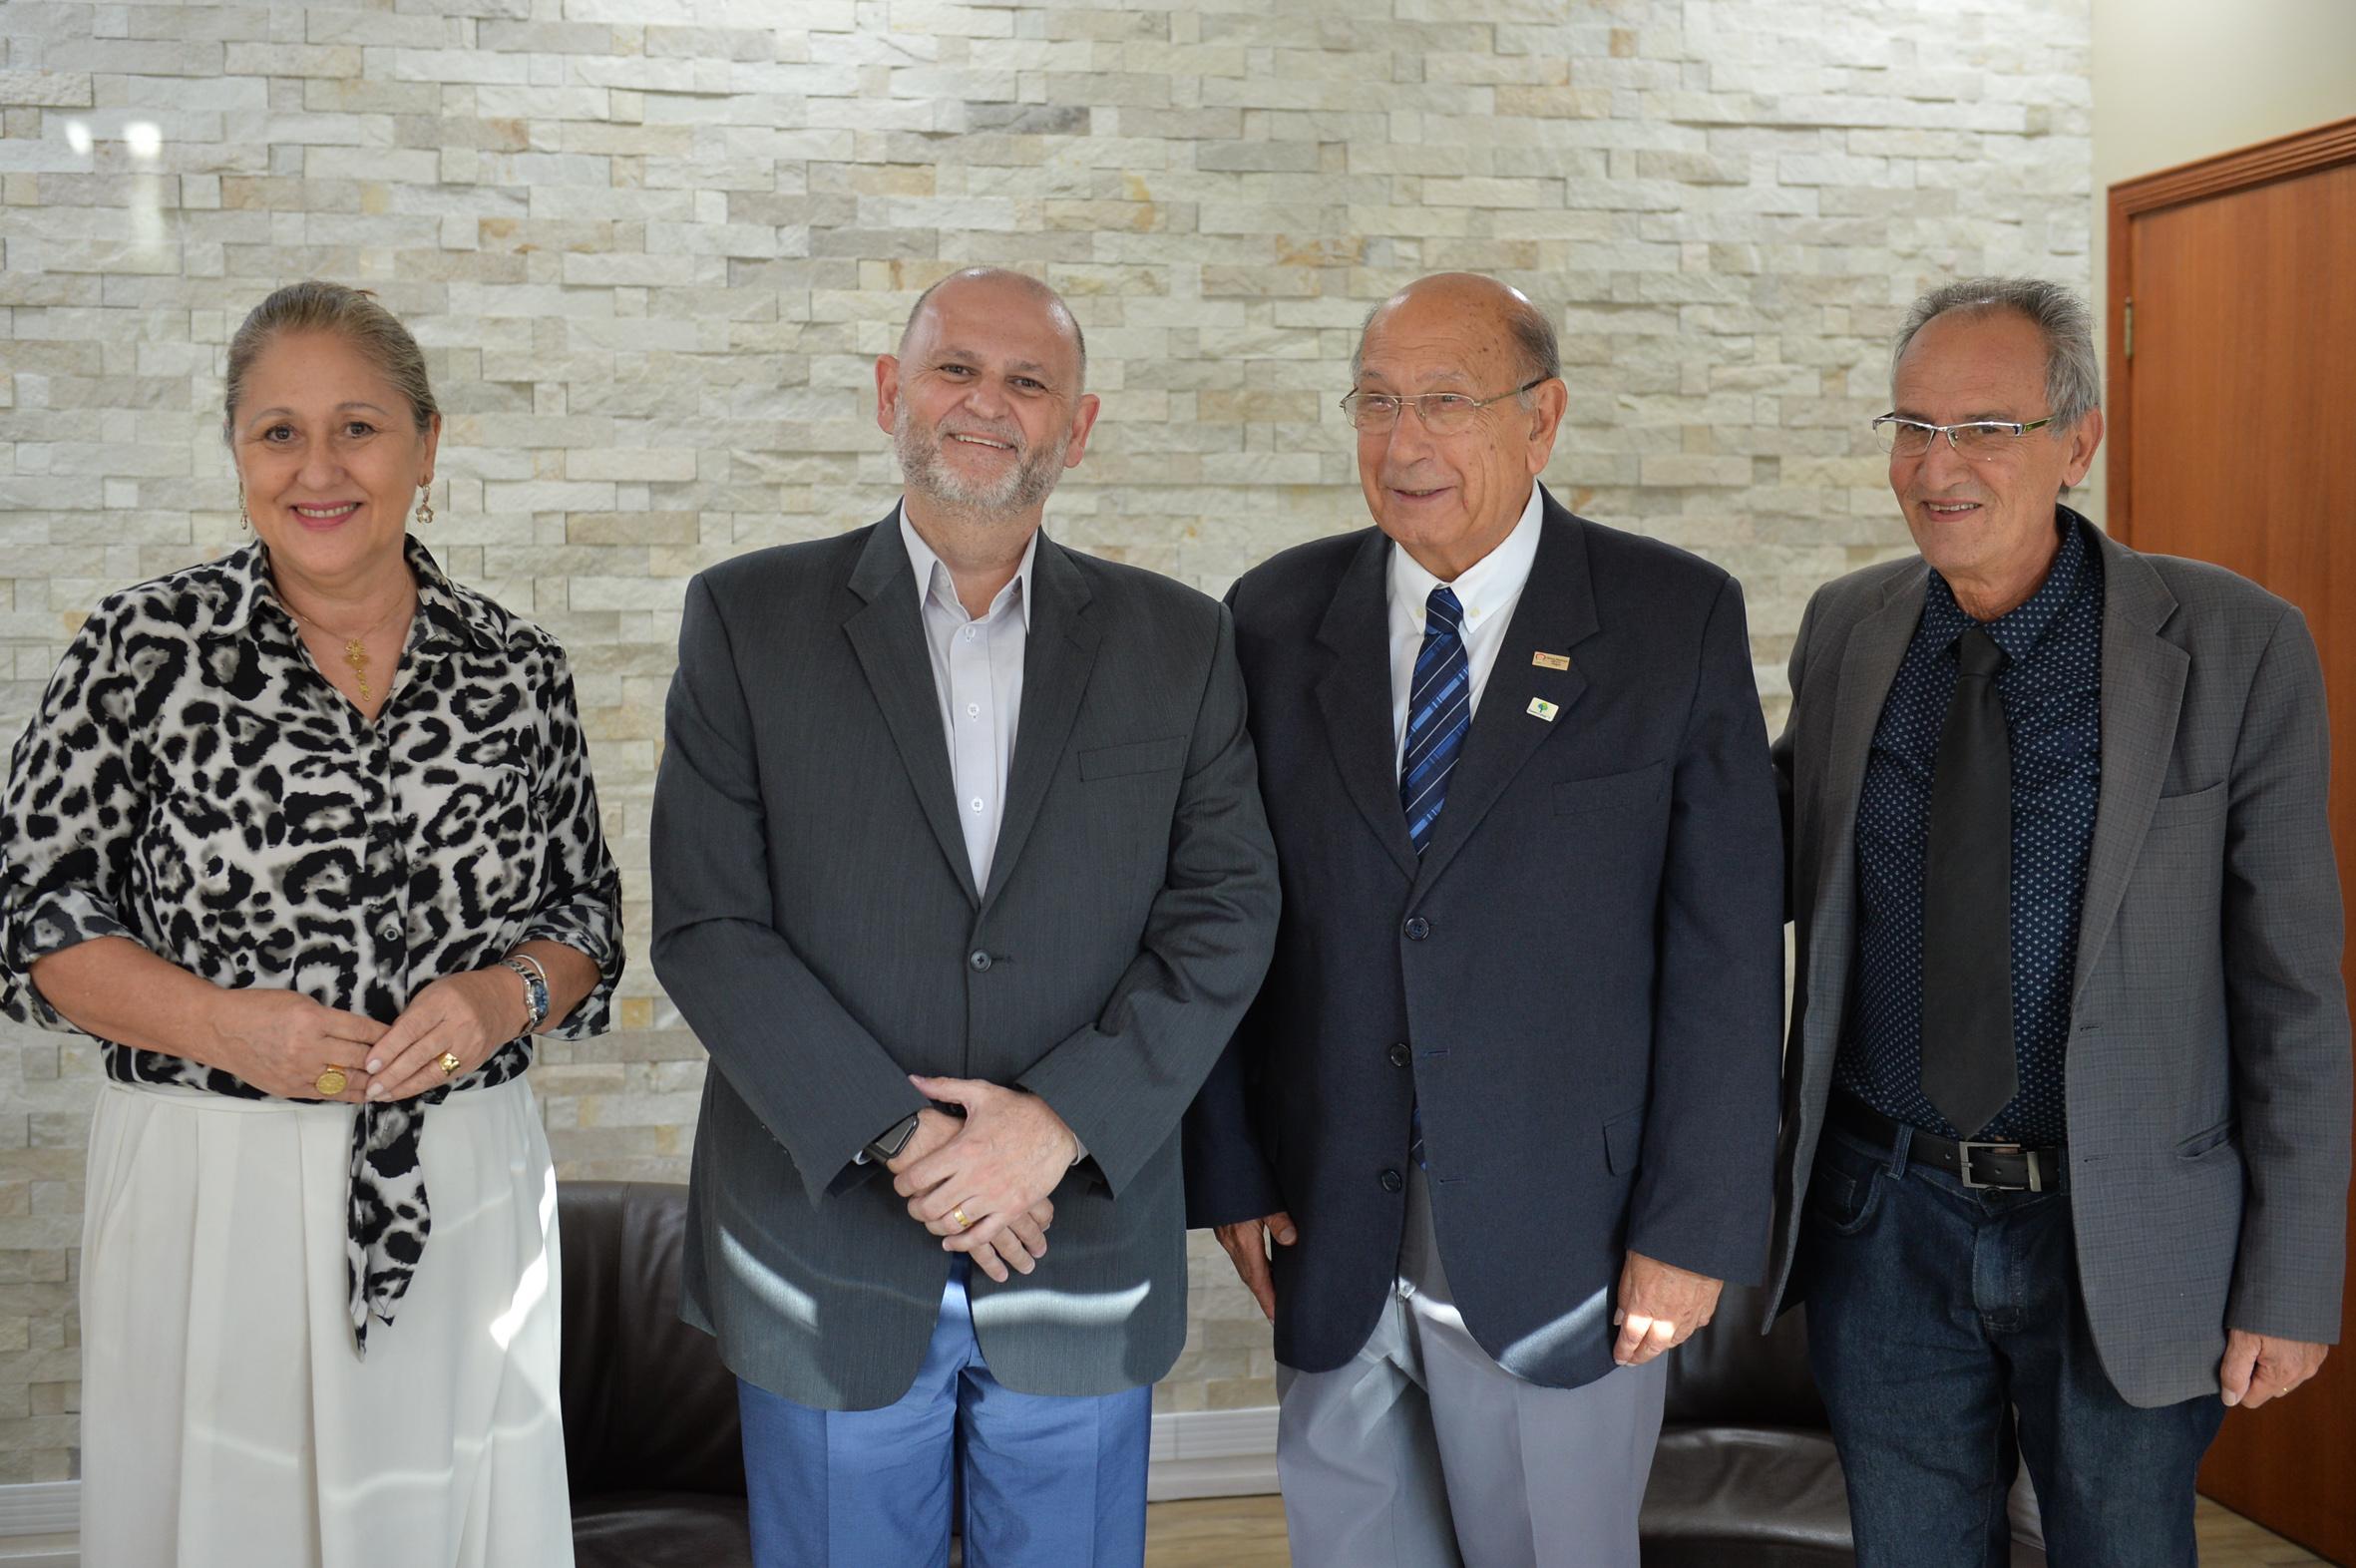 Lourdes, Gilli, Pujol e Ferronato na visita à Record nesta quinta